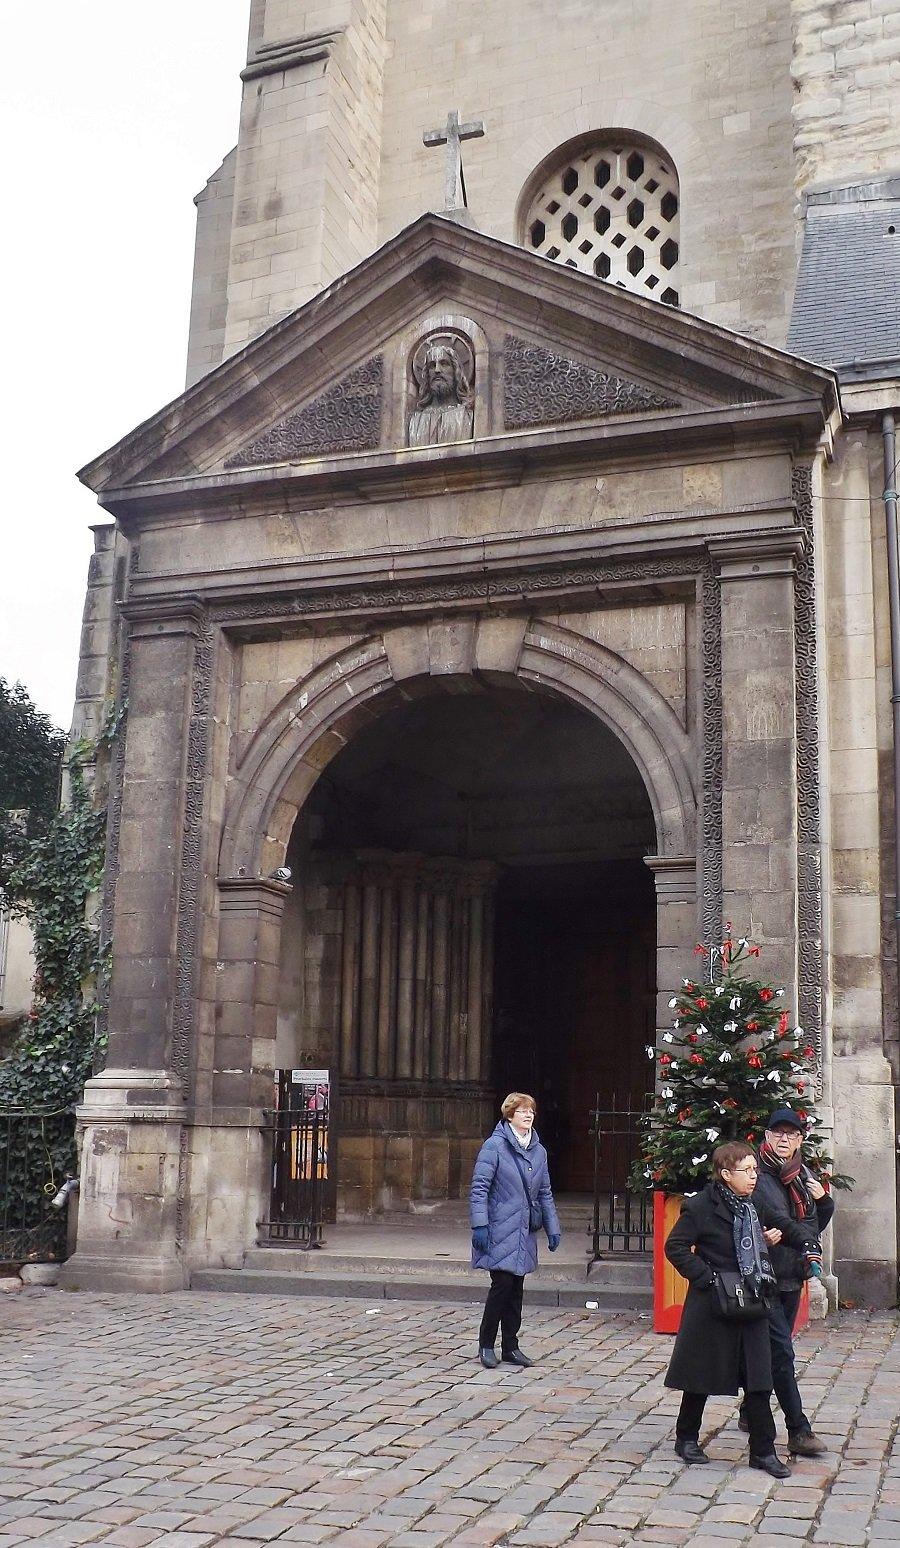 clocher porche saint-germain